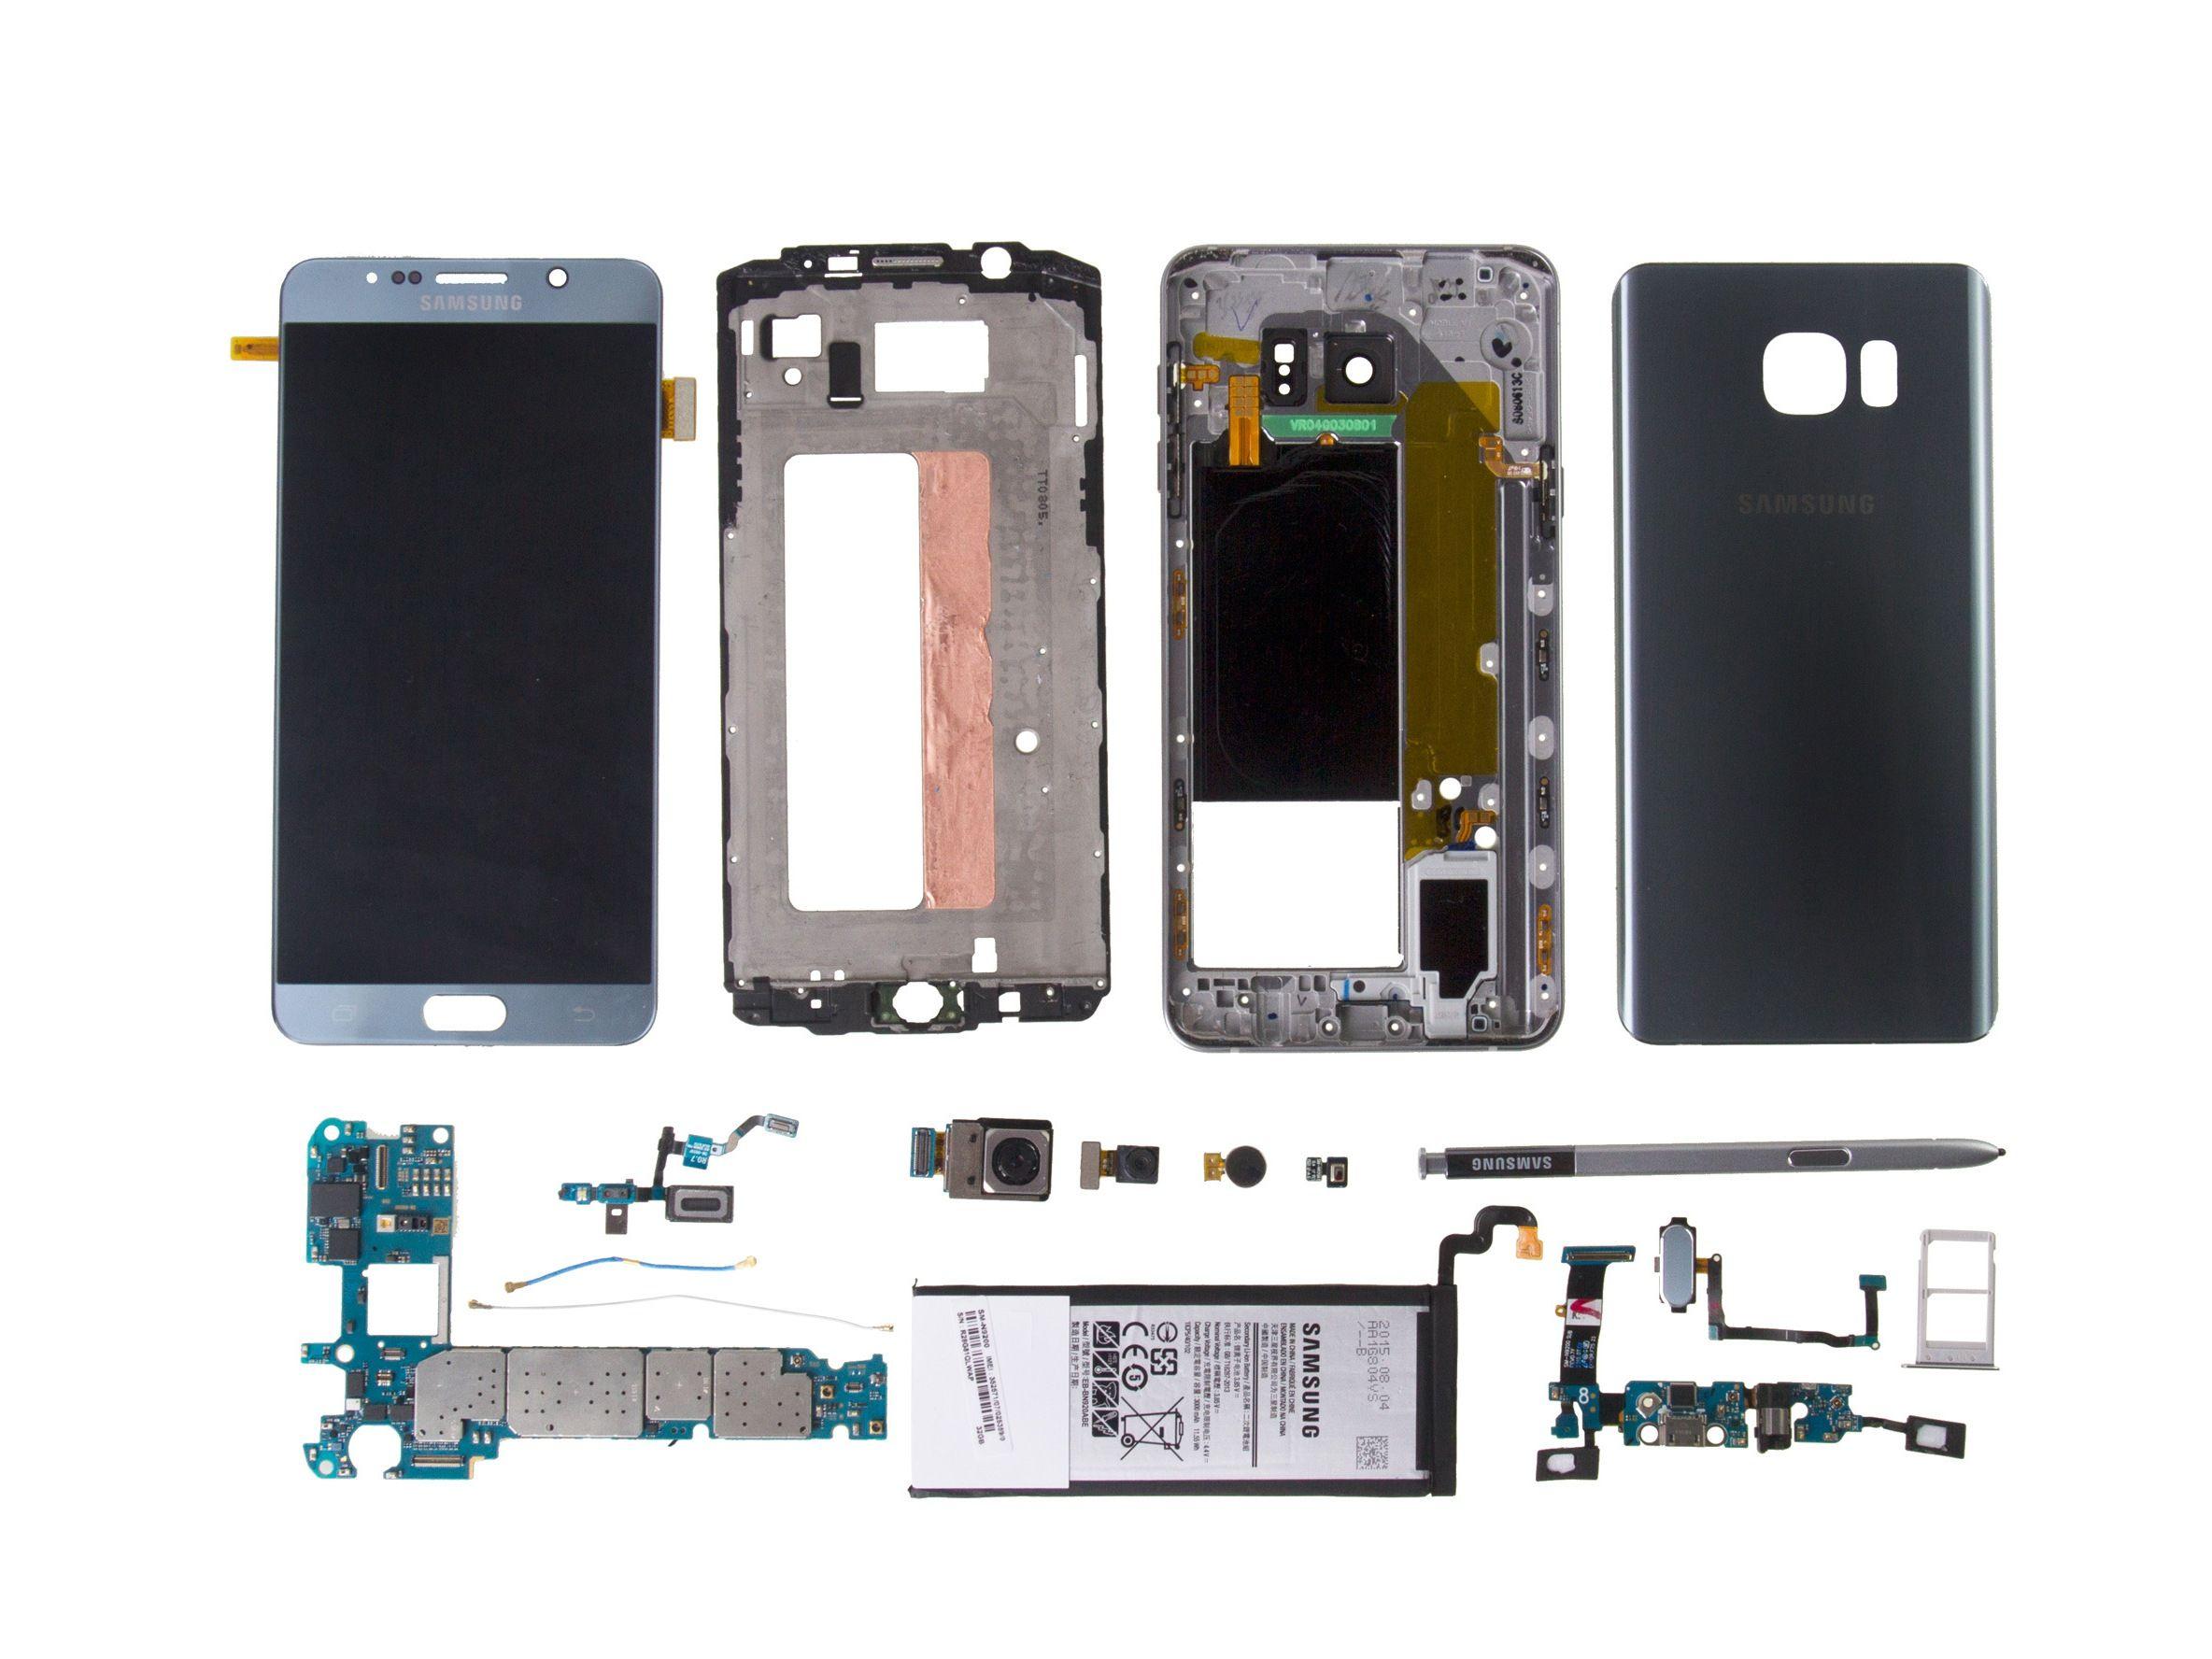 Samsung Galaxy Note5 Teardown Galaxy Note 5 Samsung Galaxy Galaxy